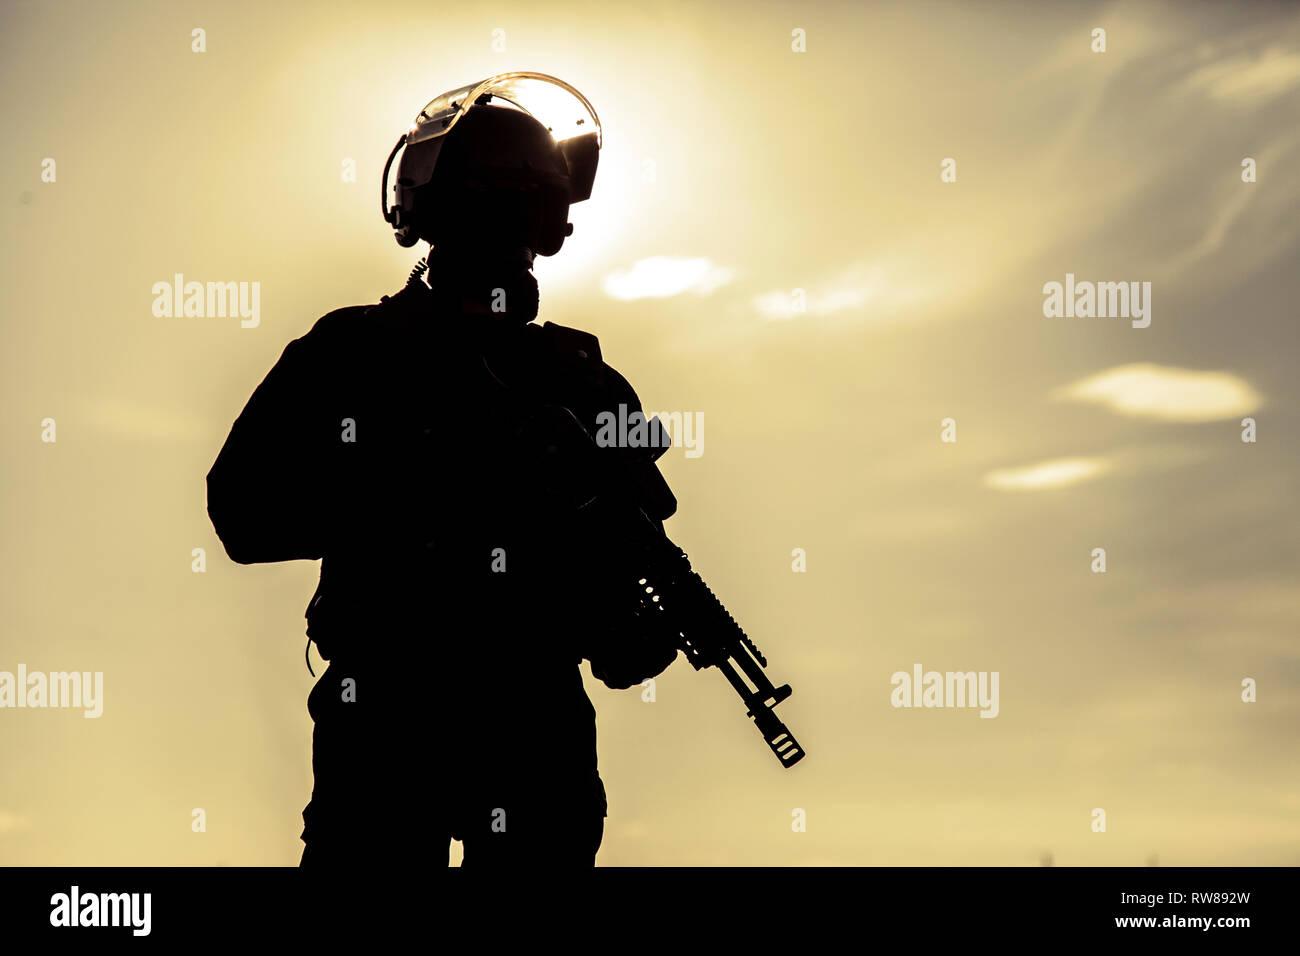 Silueta de operadores de fuerzas especiales con las armas. Imagen De Stock